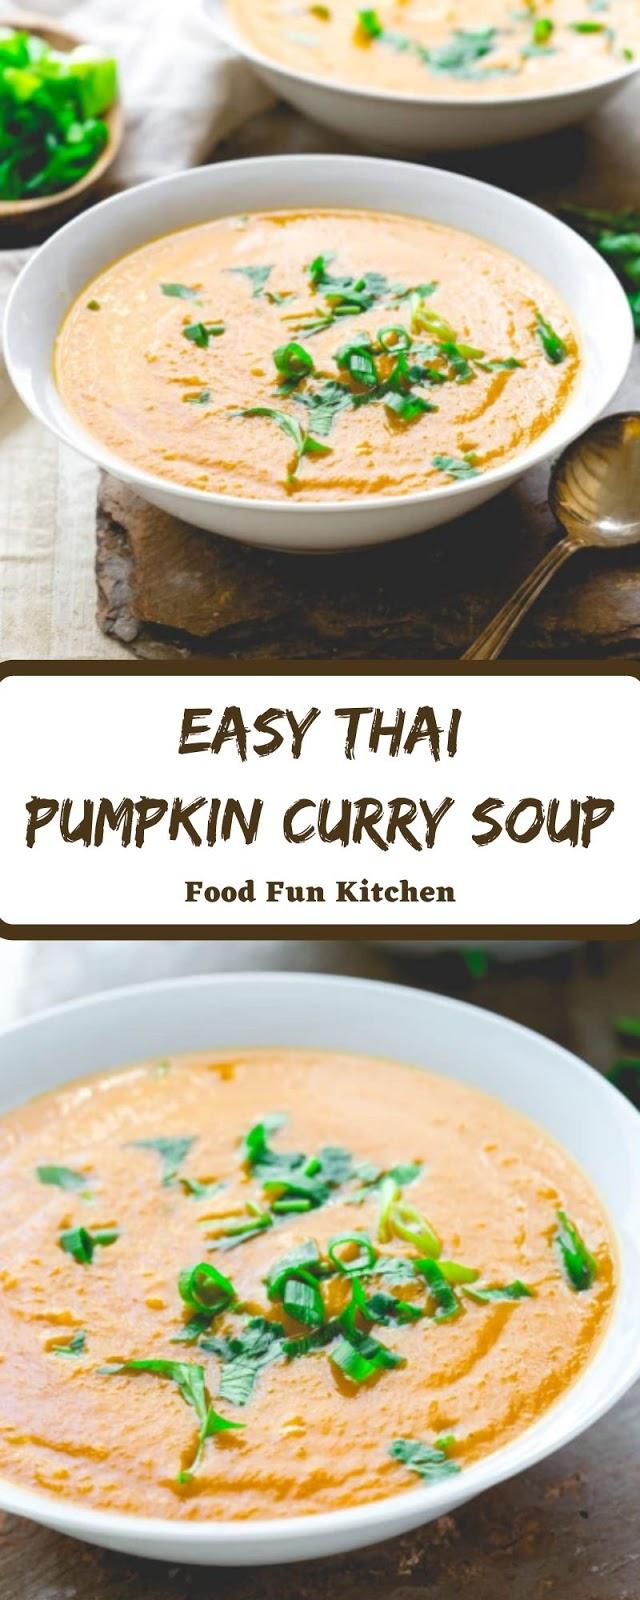 EASY THAI PUMPKIN CURRY SOUP